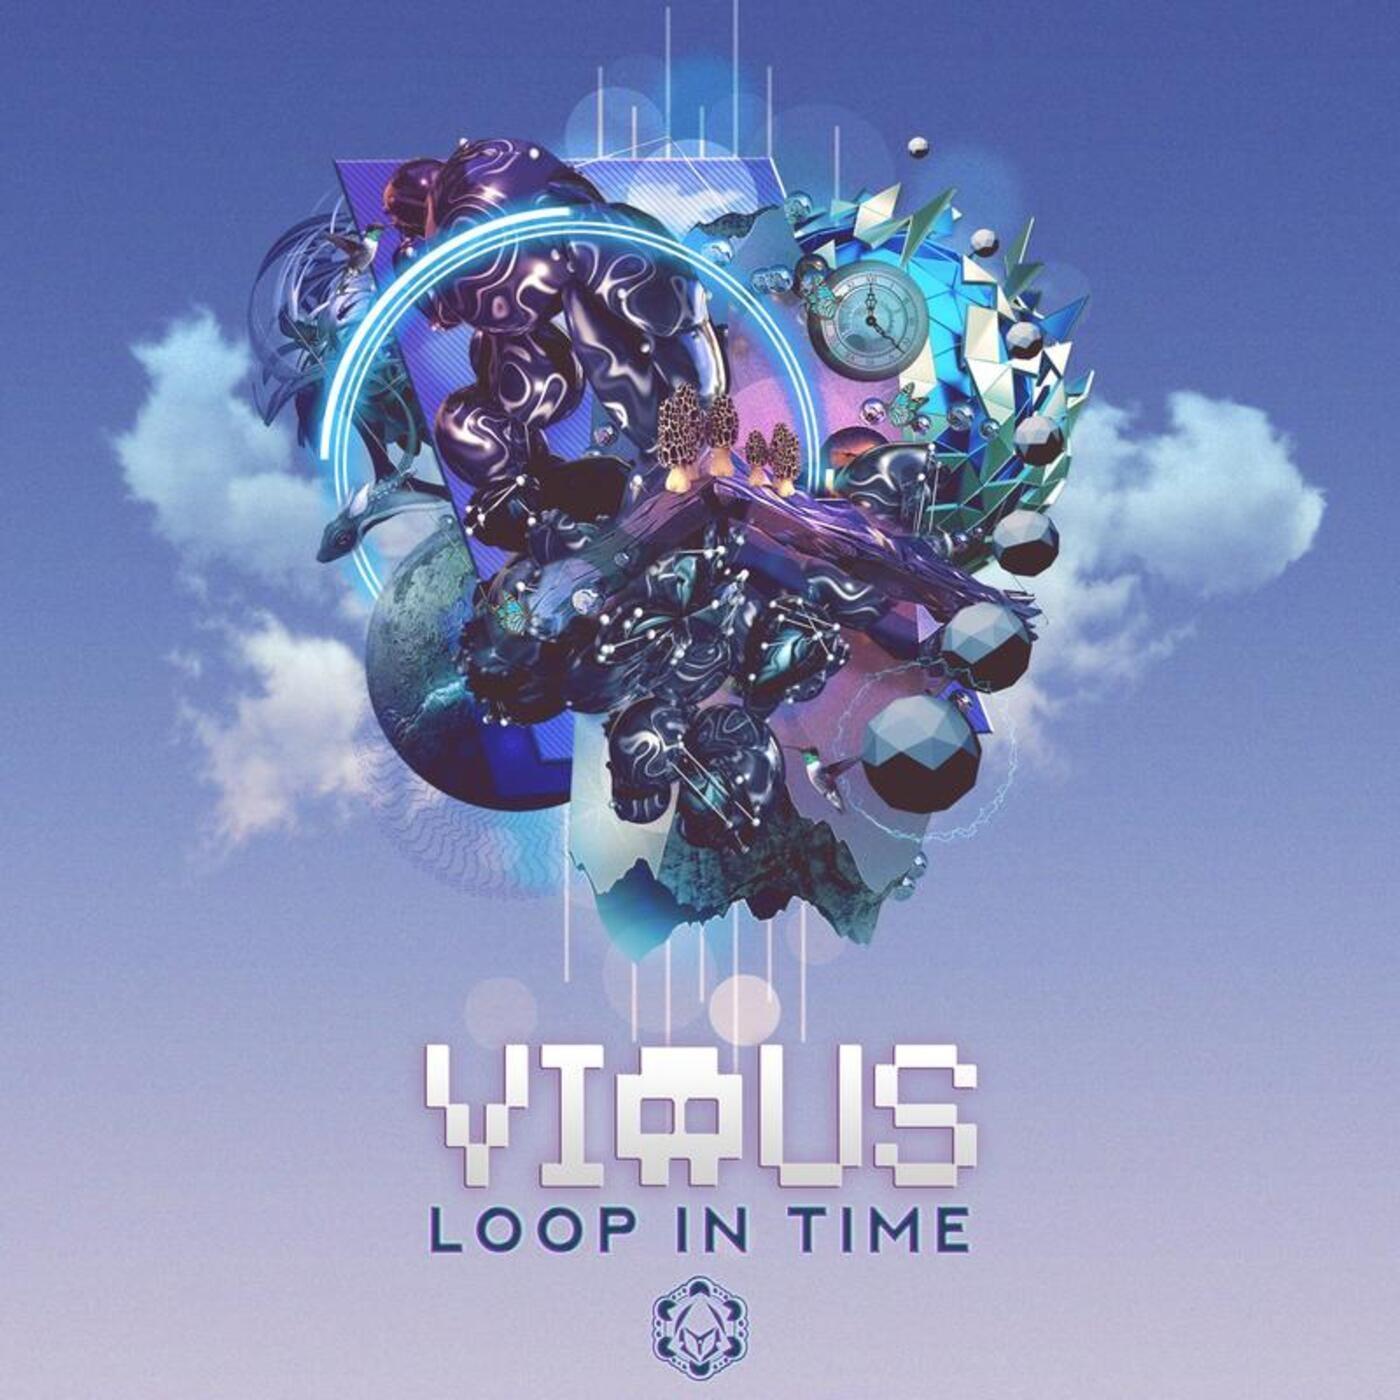 Loop in Time (Original Mix)